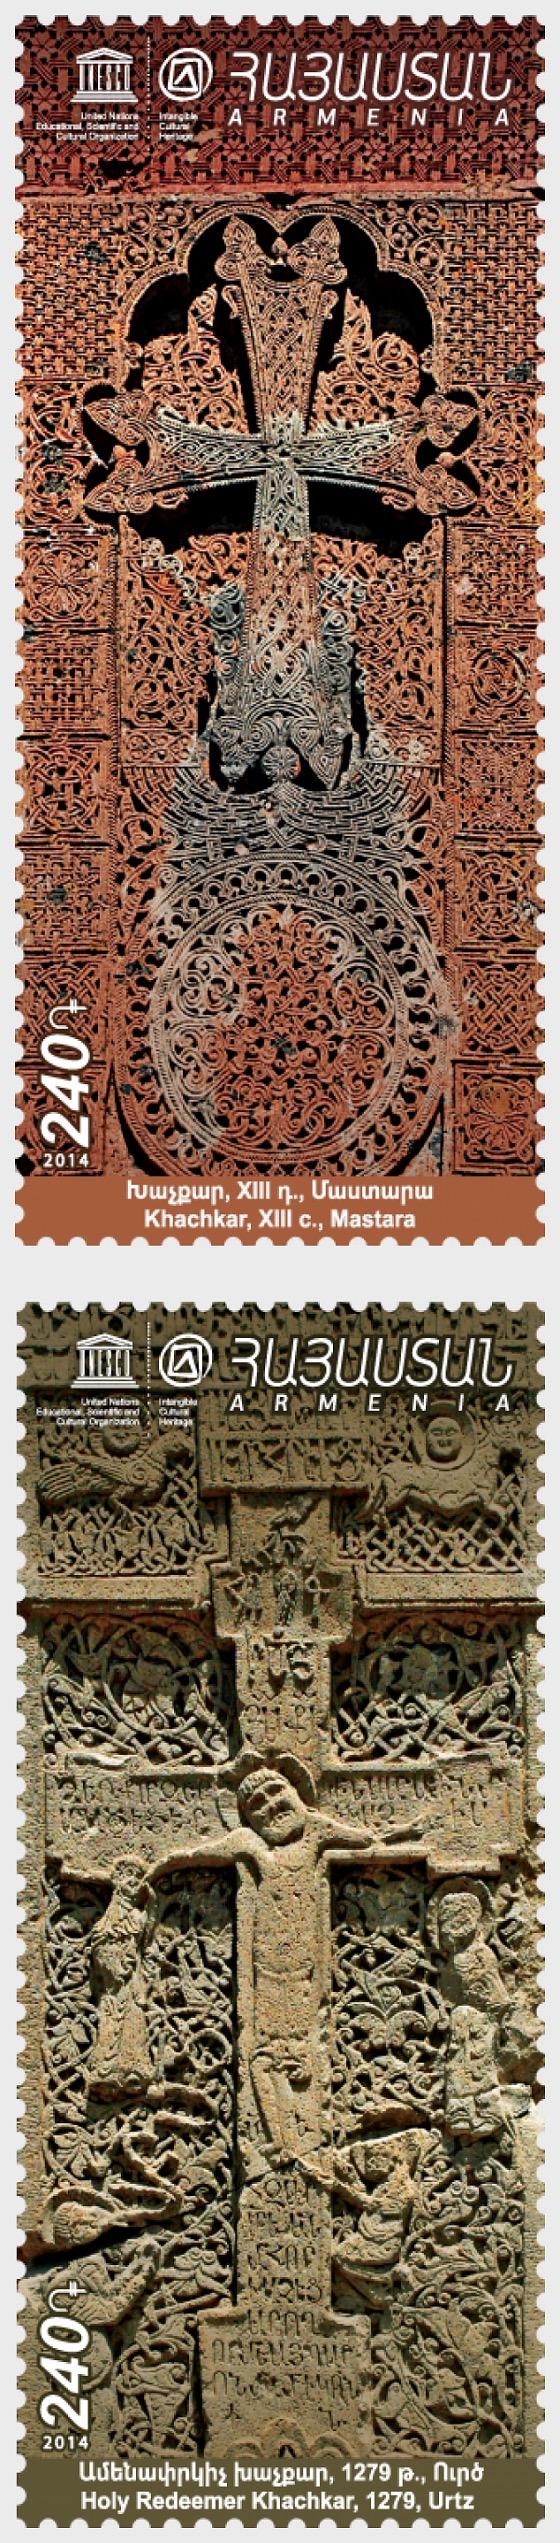 UNESCO. Patrimonio Cultural Inmaterial de la Humanidad. Khachkar - Santo Redentor y Mastara - Series